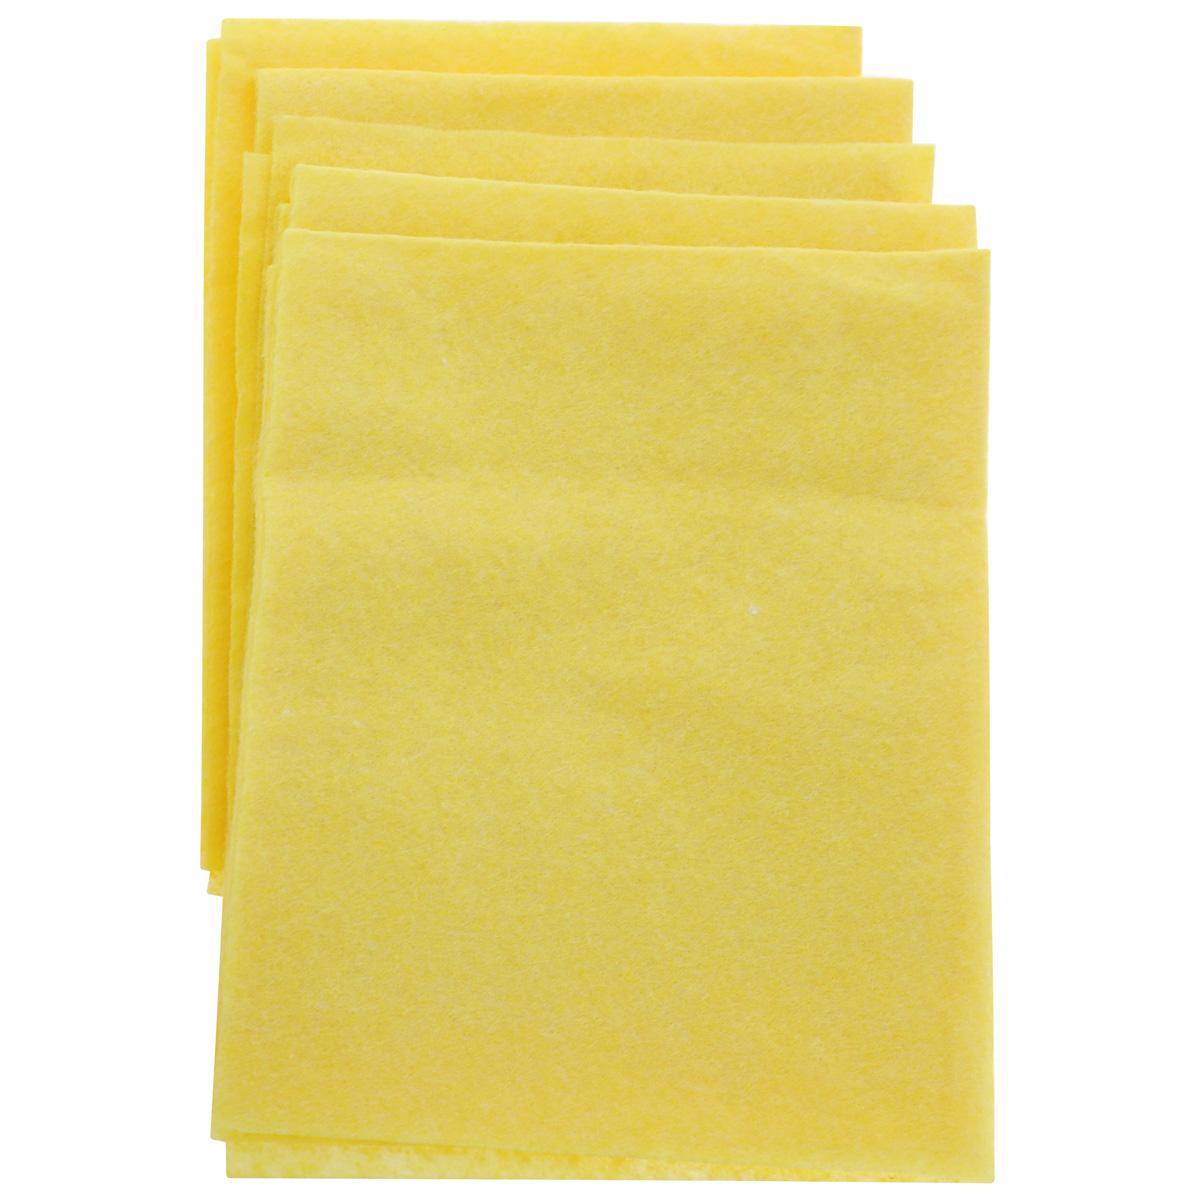 Салфетка для уборки Home Queen, цвет: желтый, 30 х 38 см, 5 шт57118Салфетка Home Queen, изготовленная из вискозы и полиэстера, предназначена для очищения загрязнений на любых поверхностях. Изделие обладает высокой износоустойчивостью и рассчитано на многократное использование, легко моется в теплой воде с мягкими чистящими средствами. Супервпитывающая салфетка не оставляет разводов и ворсинок, удаляет большинство жирных и маслянистых загрязнений без использования химических средств. Размер салфетки: 30 см х 38 см. Комплектация: 5 шт.